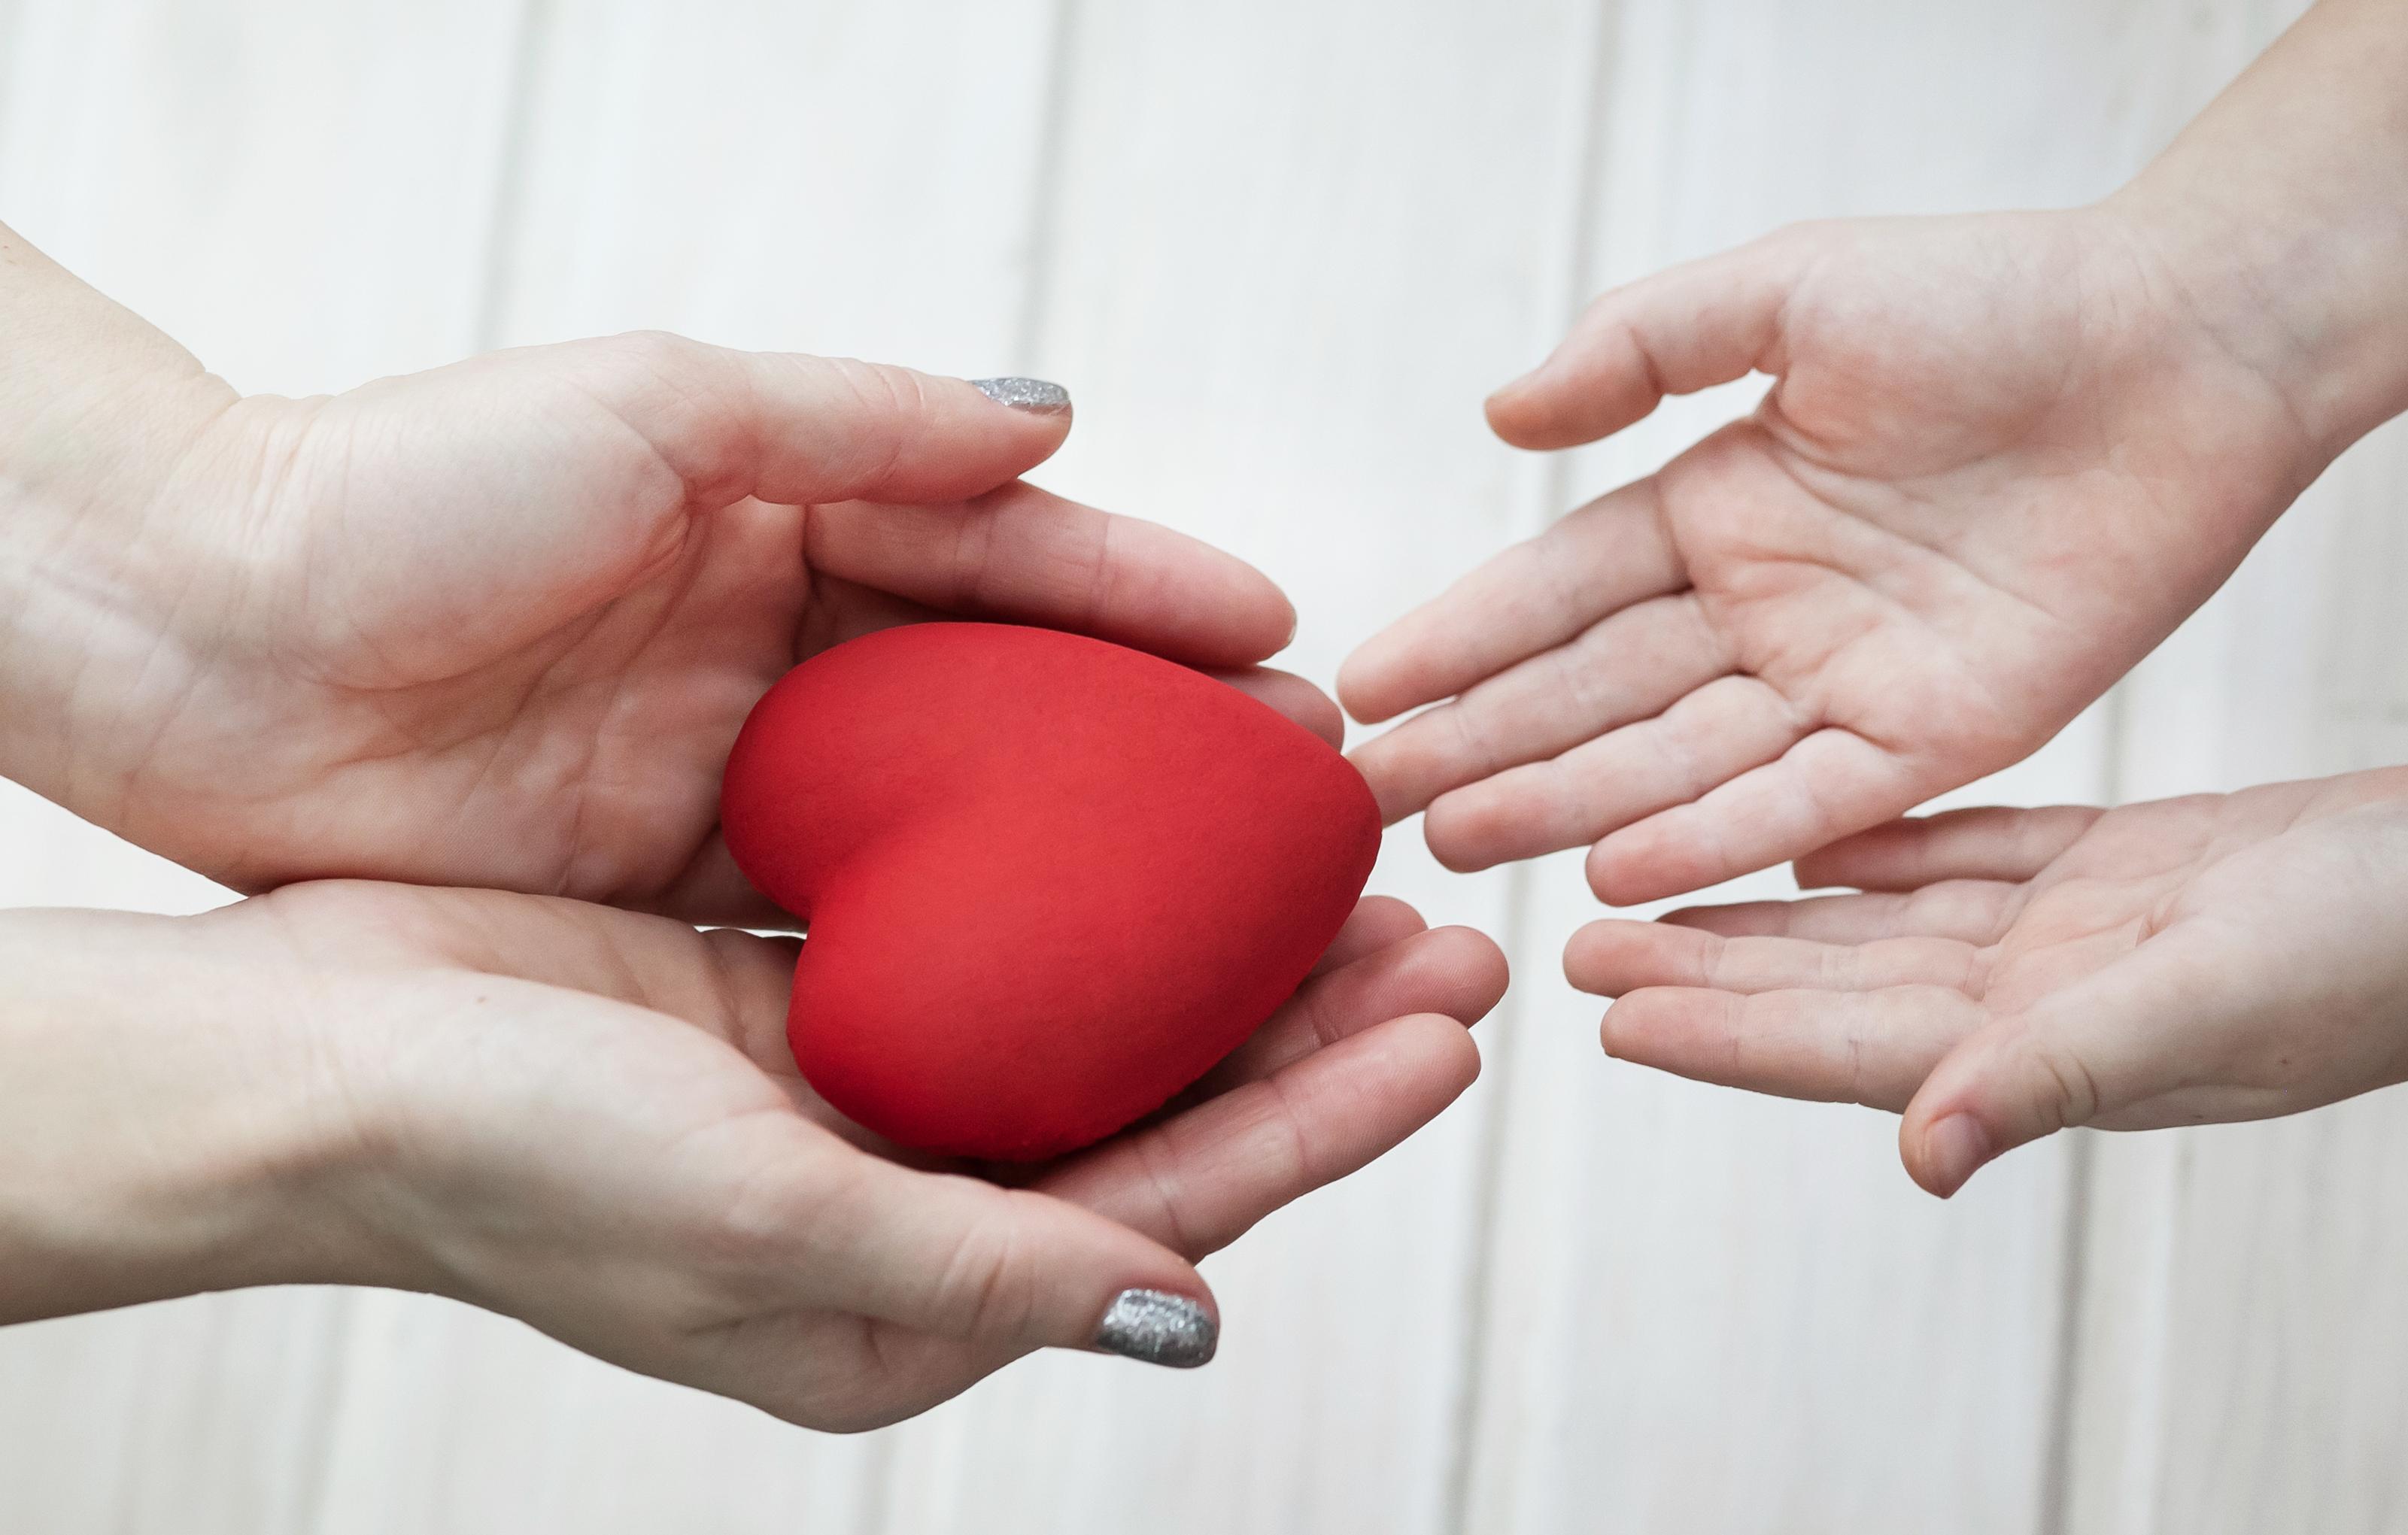 Omkring 800 personer väntar idag i Sverige på ett organ för transplantation.